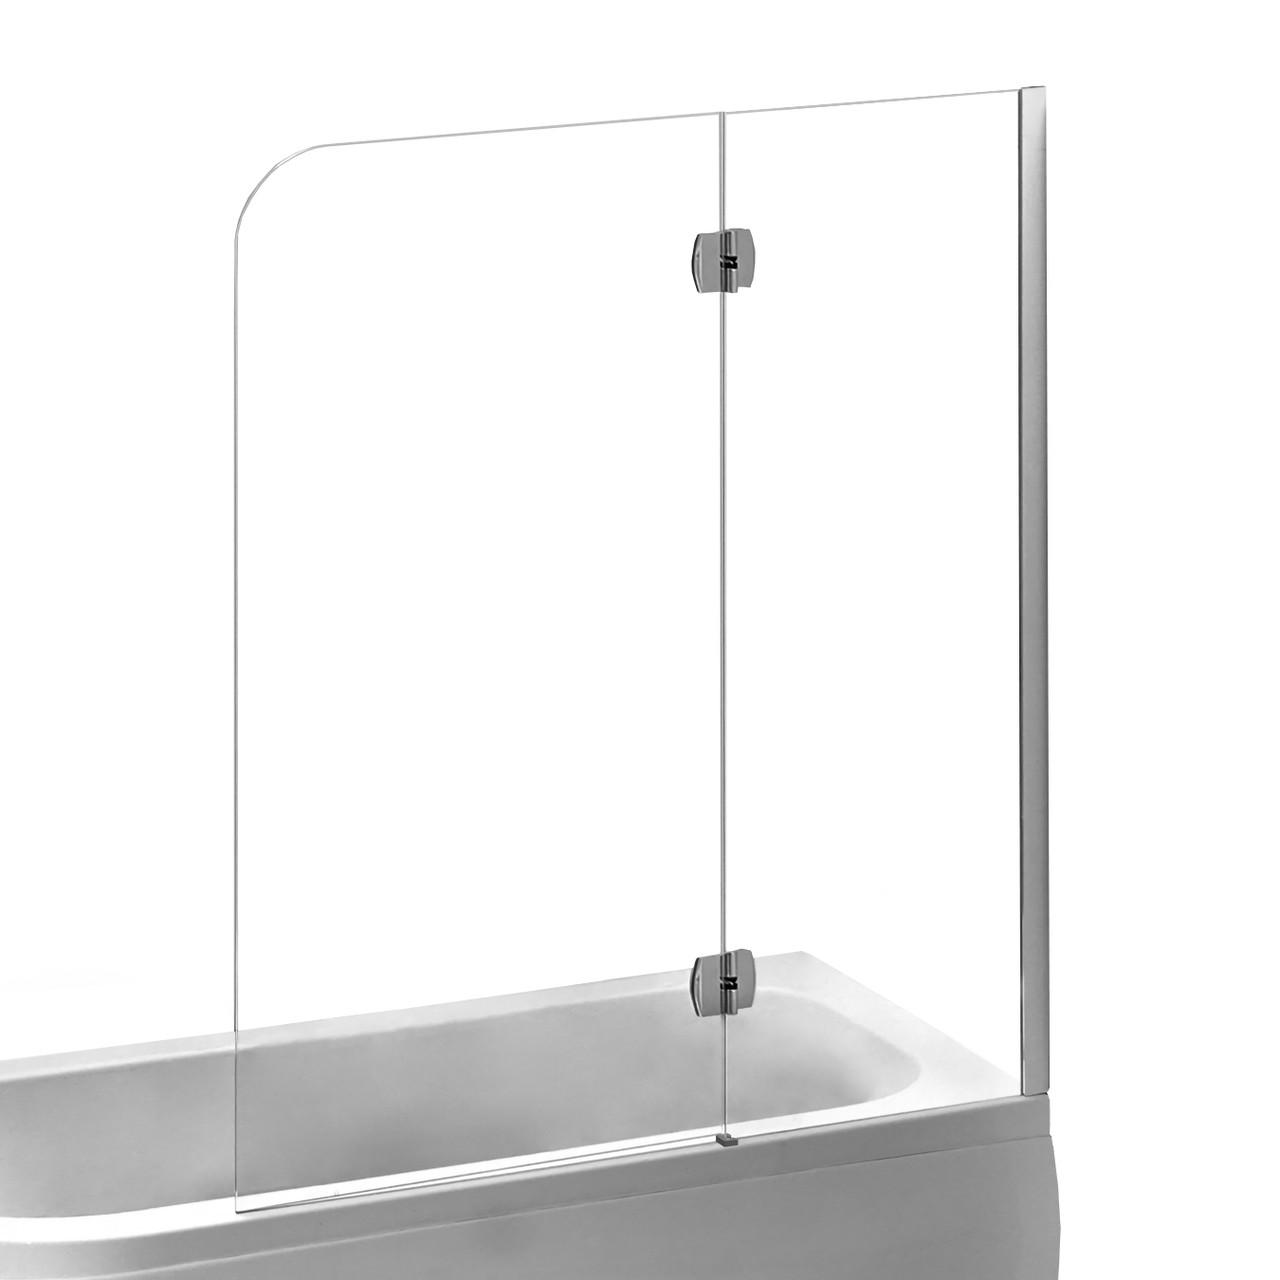 Шторка на ванну 120*150см, правая, профиль хром